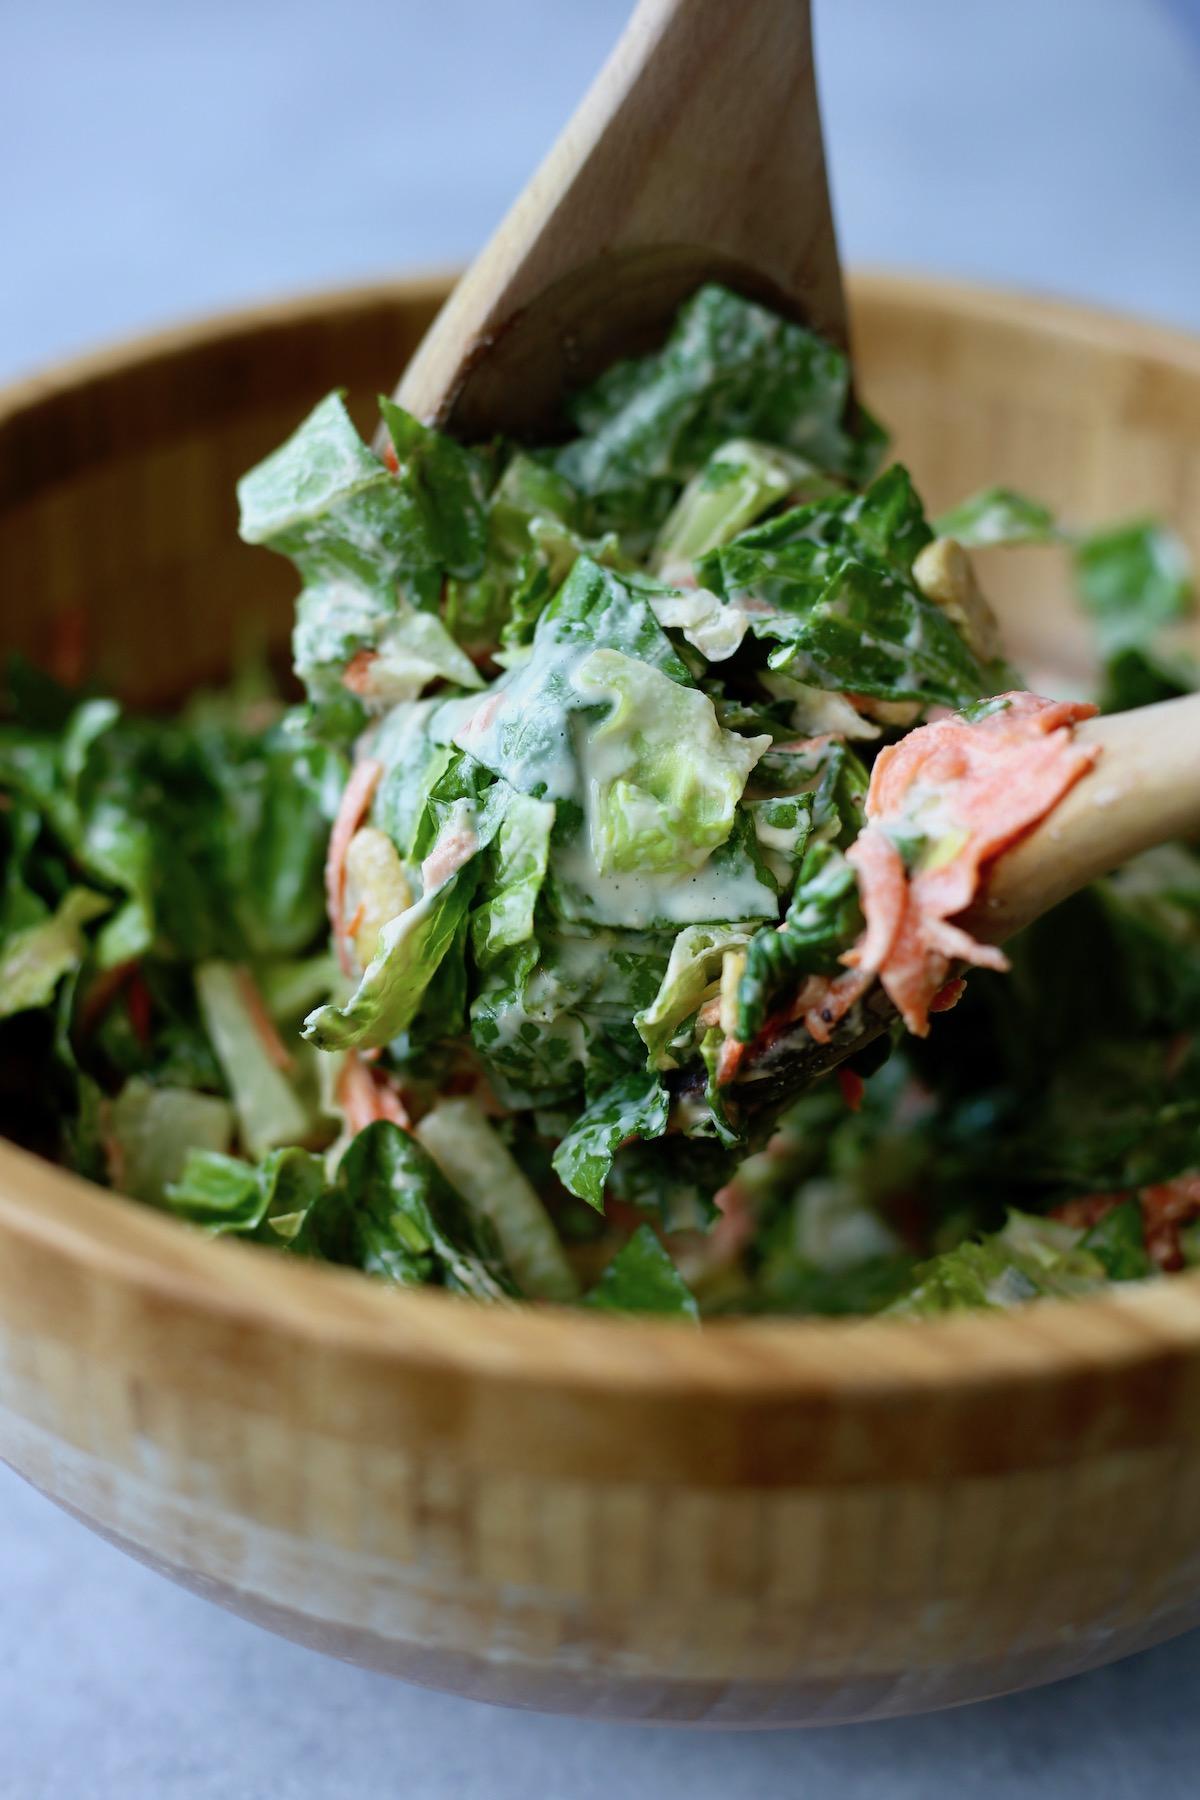 creaming vegan Caesar dressing coating a large spoonful of greens